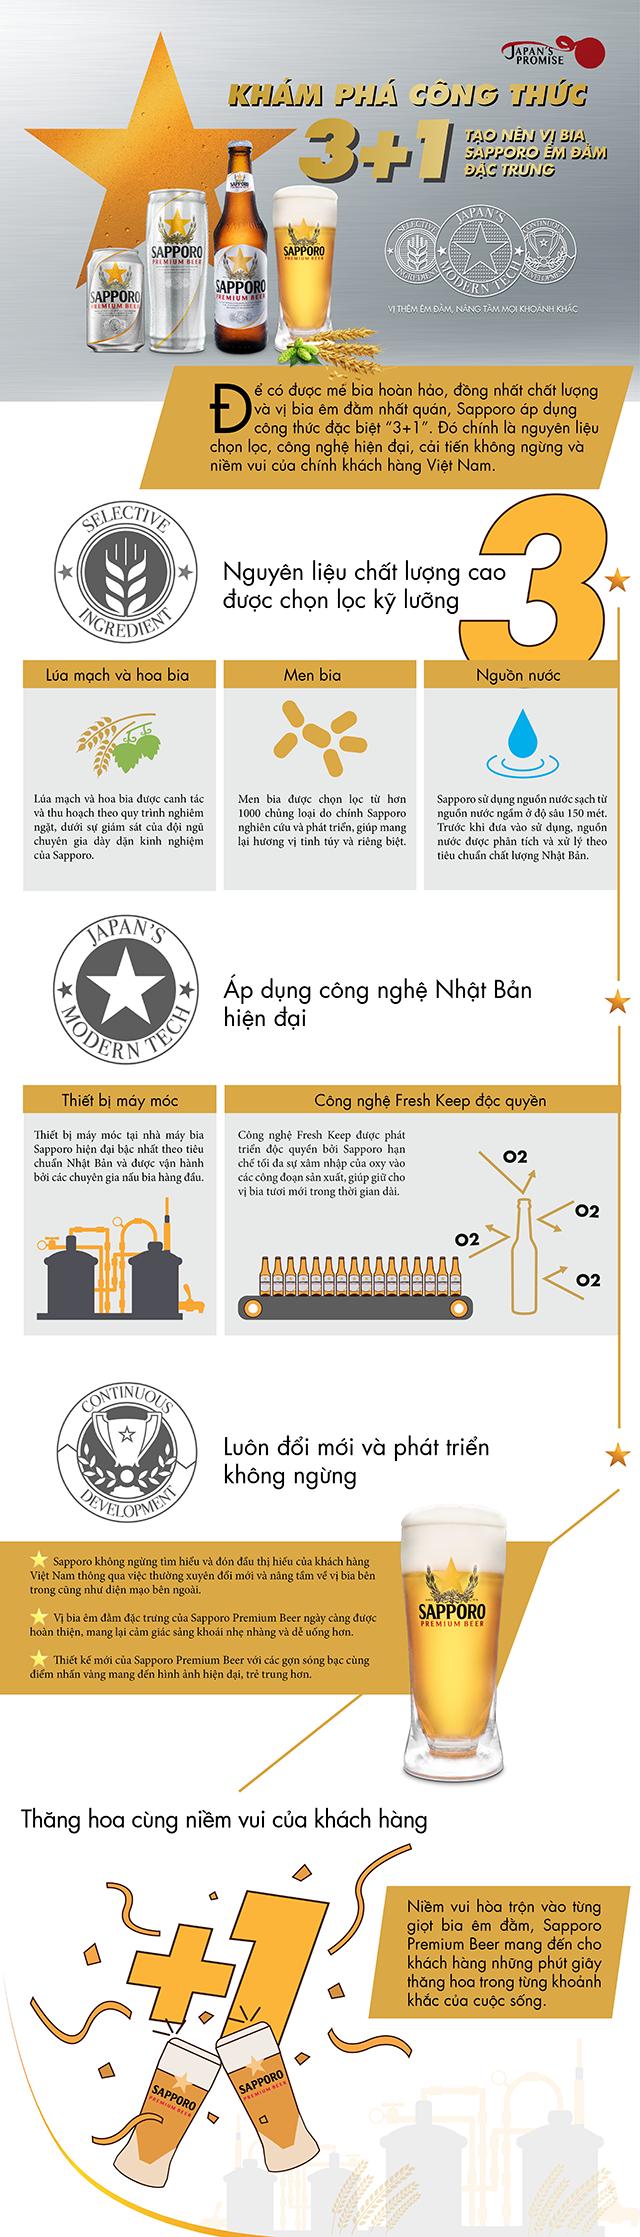 Khám phá công thức tạo nên vị bia Sapporo